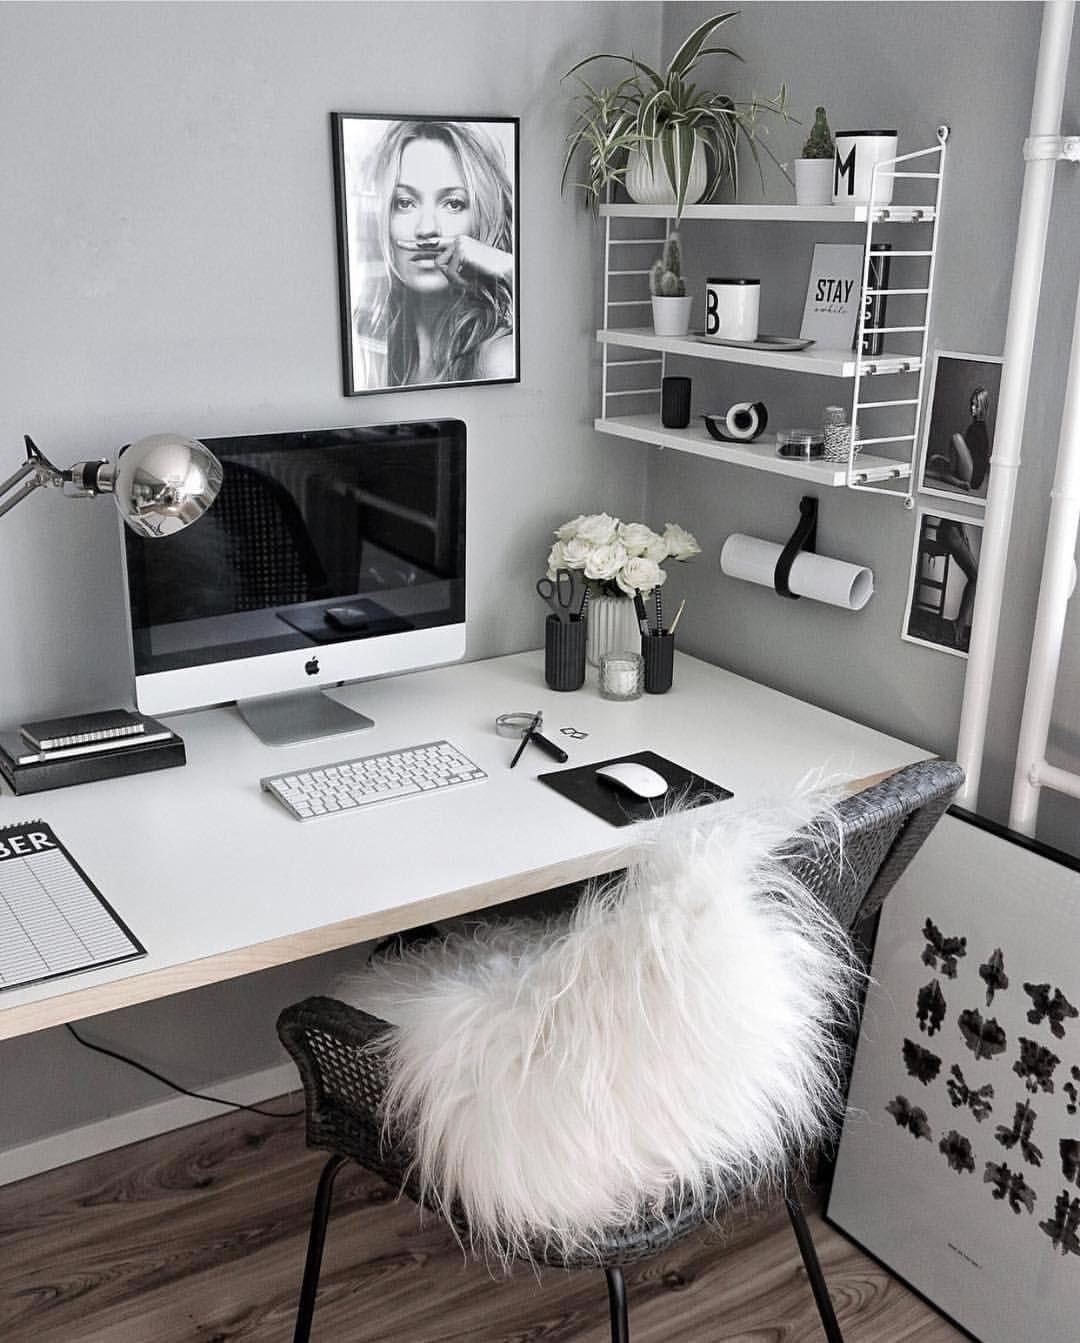 Hausdesign mit vier schlafzimmern string  pocket weiß in   diy and crafts  pinterest  oficina